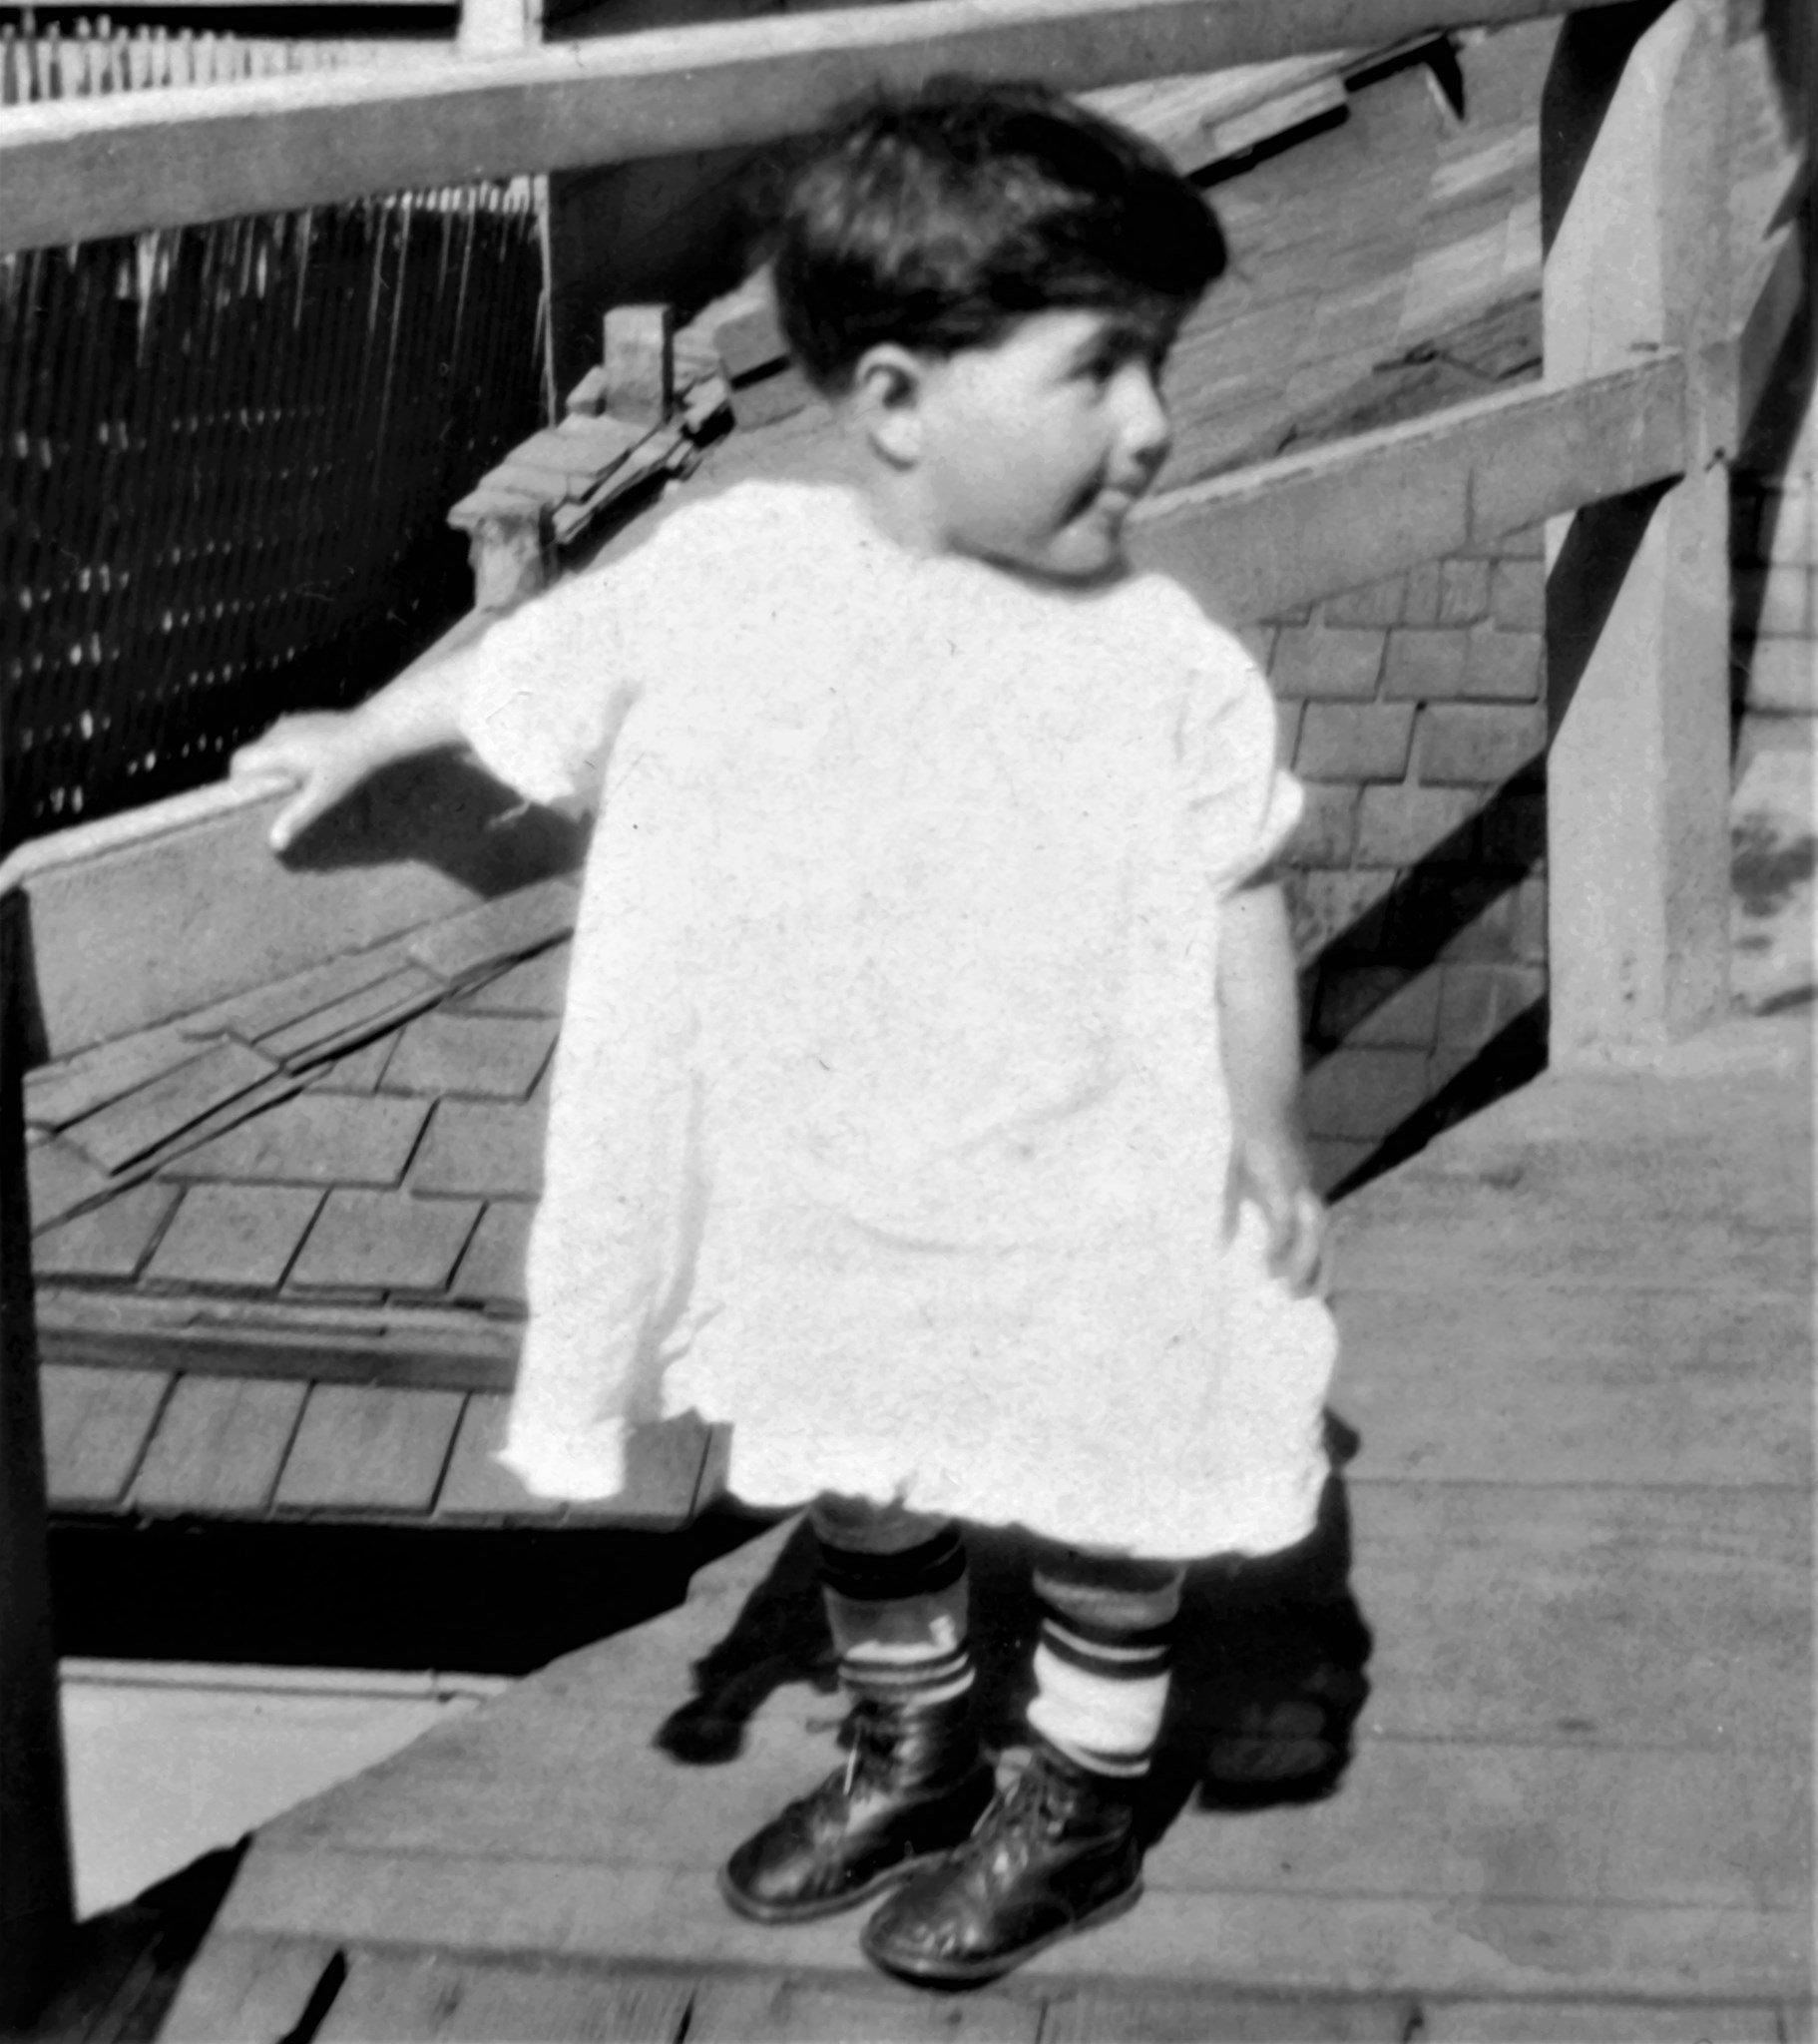 Jose childhood early dress-up photo